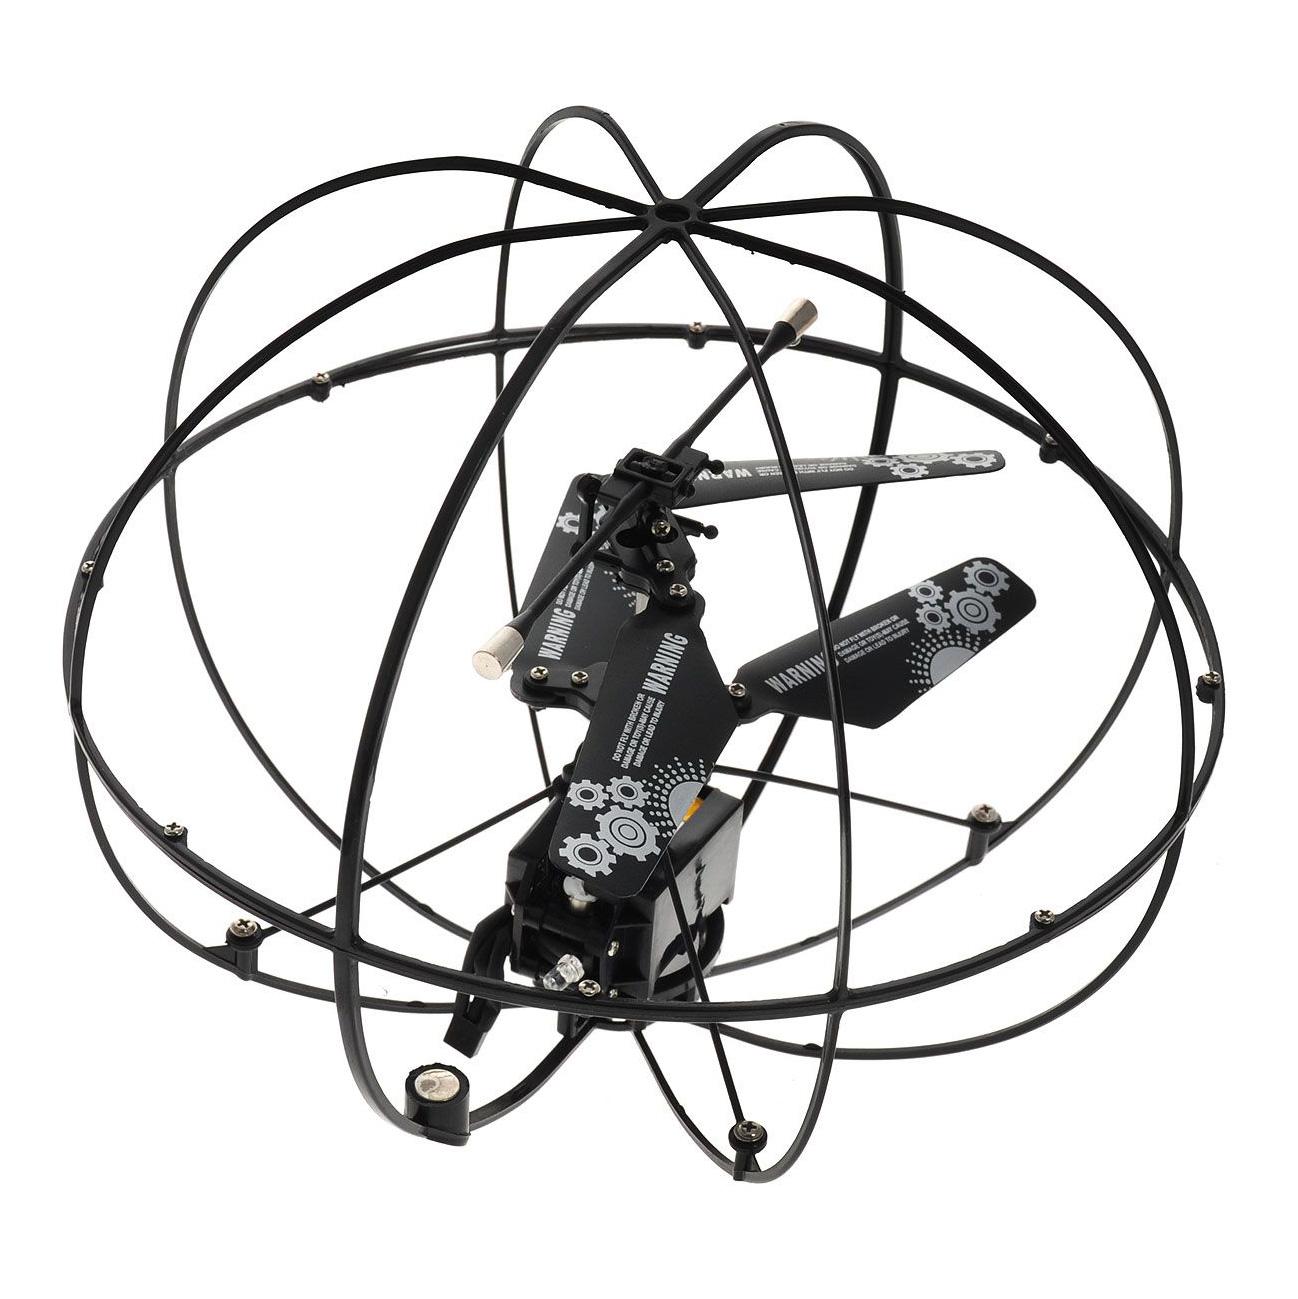 Шар летучий, на инфракрасном управленииЛетающие игрушки<br>Шар летучий, на инфракрасном управлении<br>